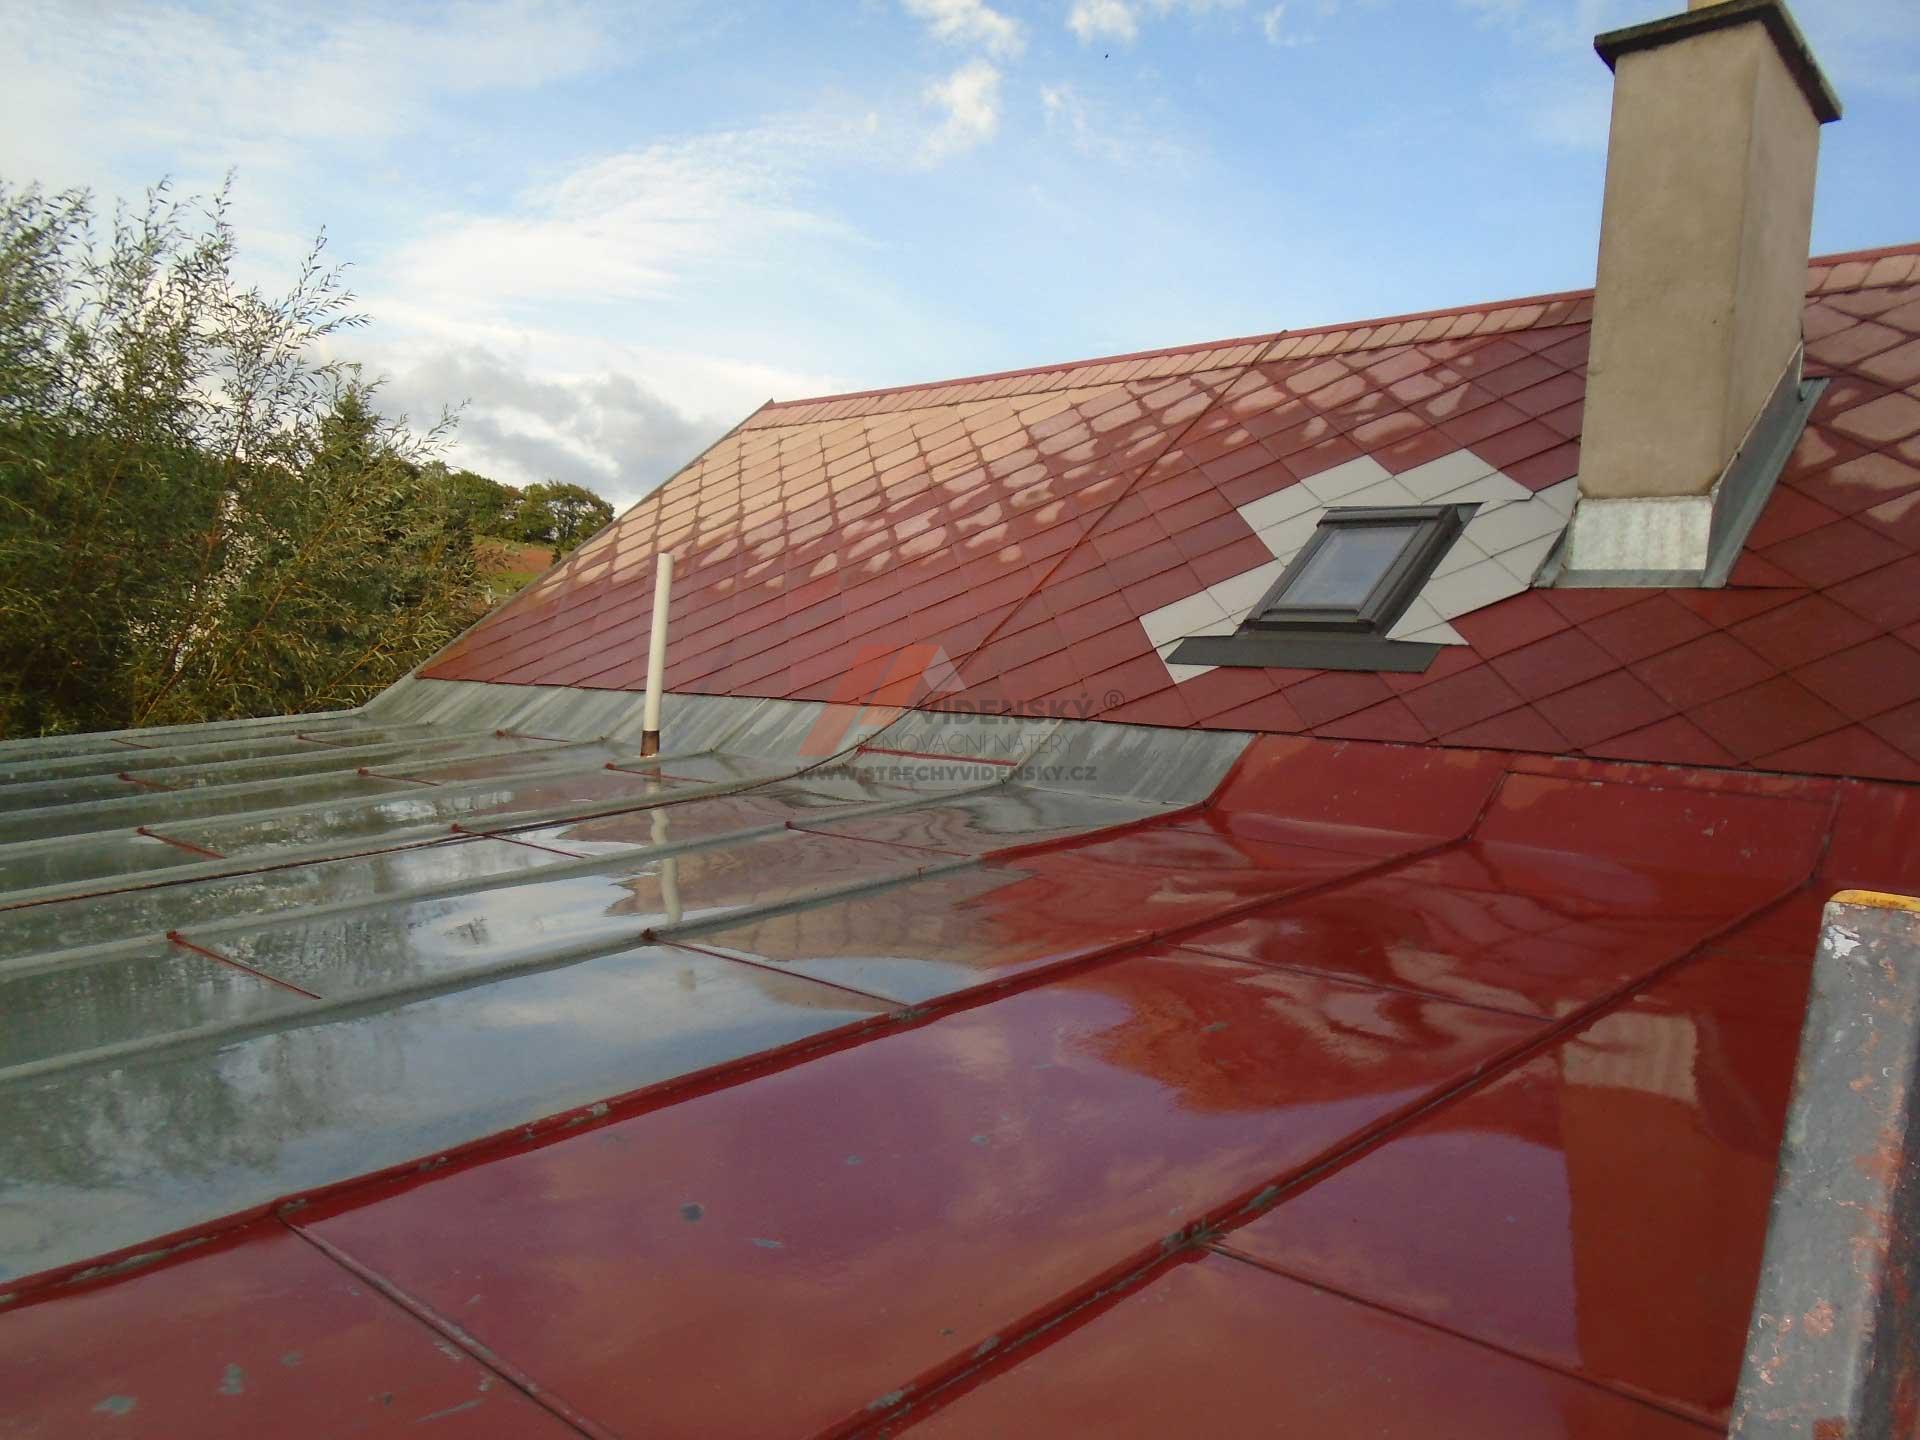 Vídenský | Renovační nátěr plechové střechy 05 - Původní stav